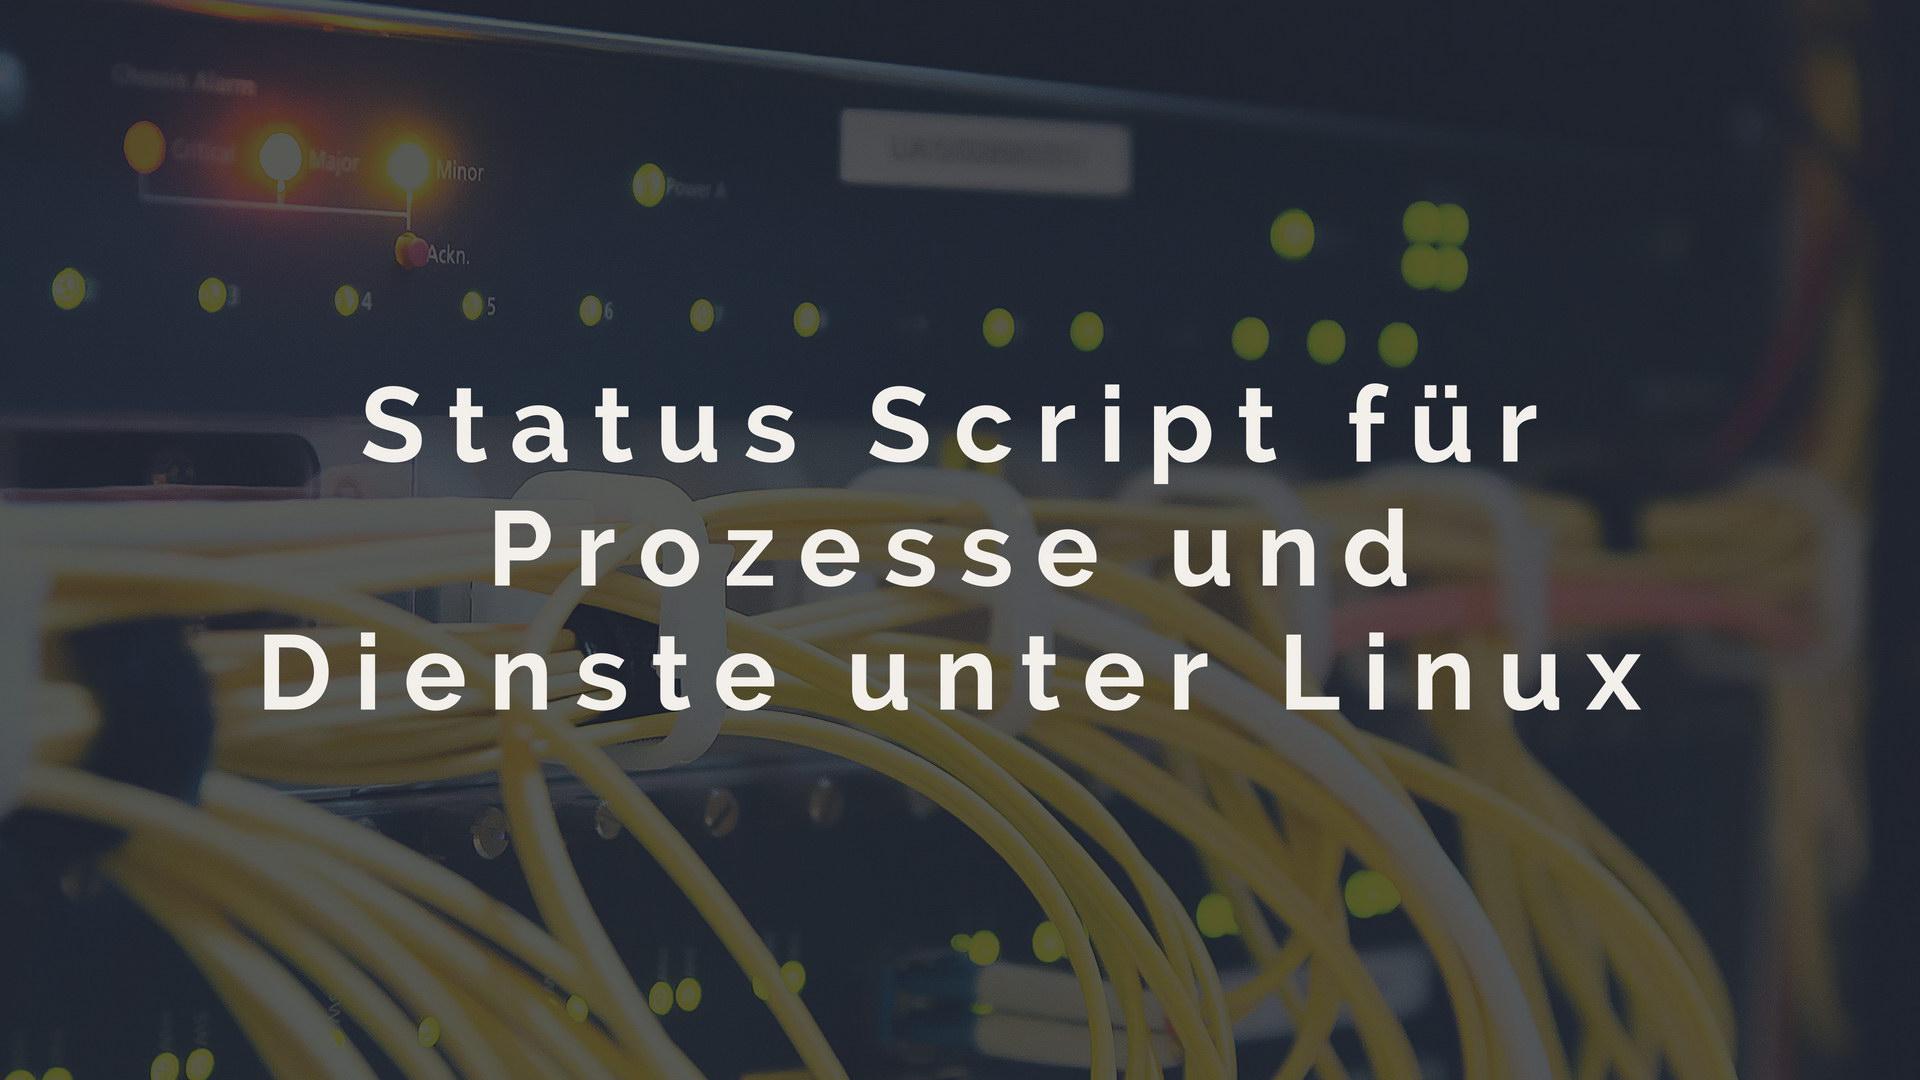 Status Script fuer Prozesse und Dienste unter Linux